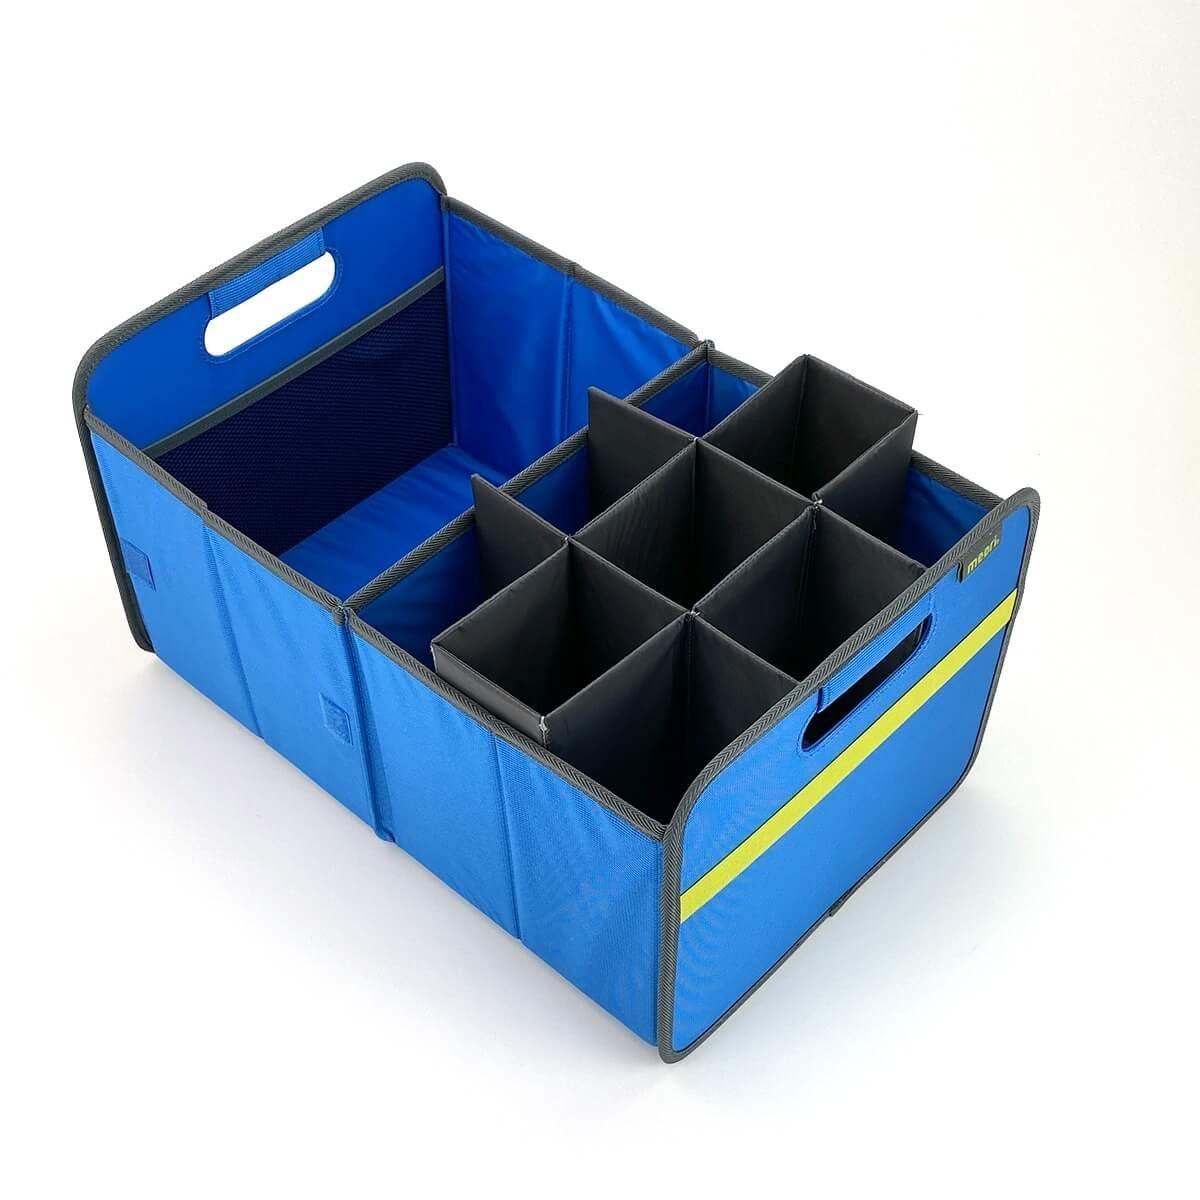 Premium Trunk Organizer in Mediterranean Blue Solid with Bottle Insert